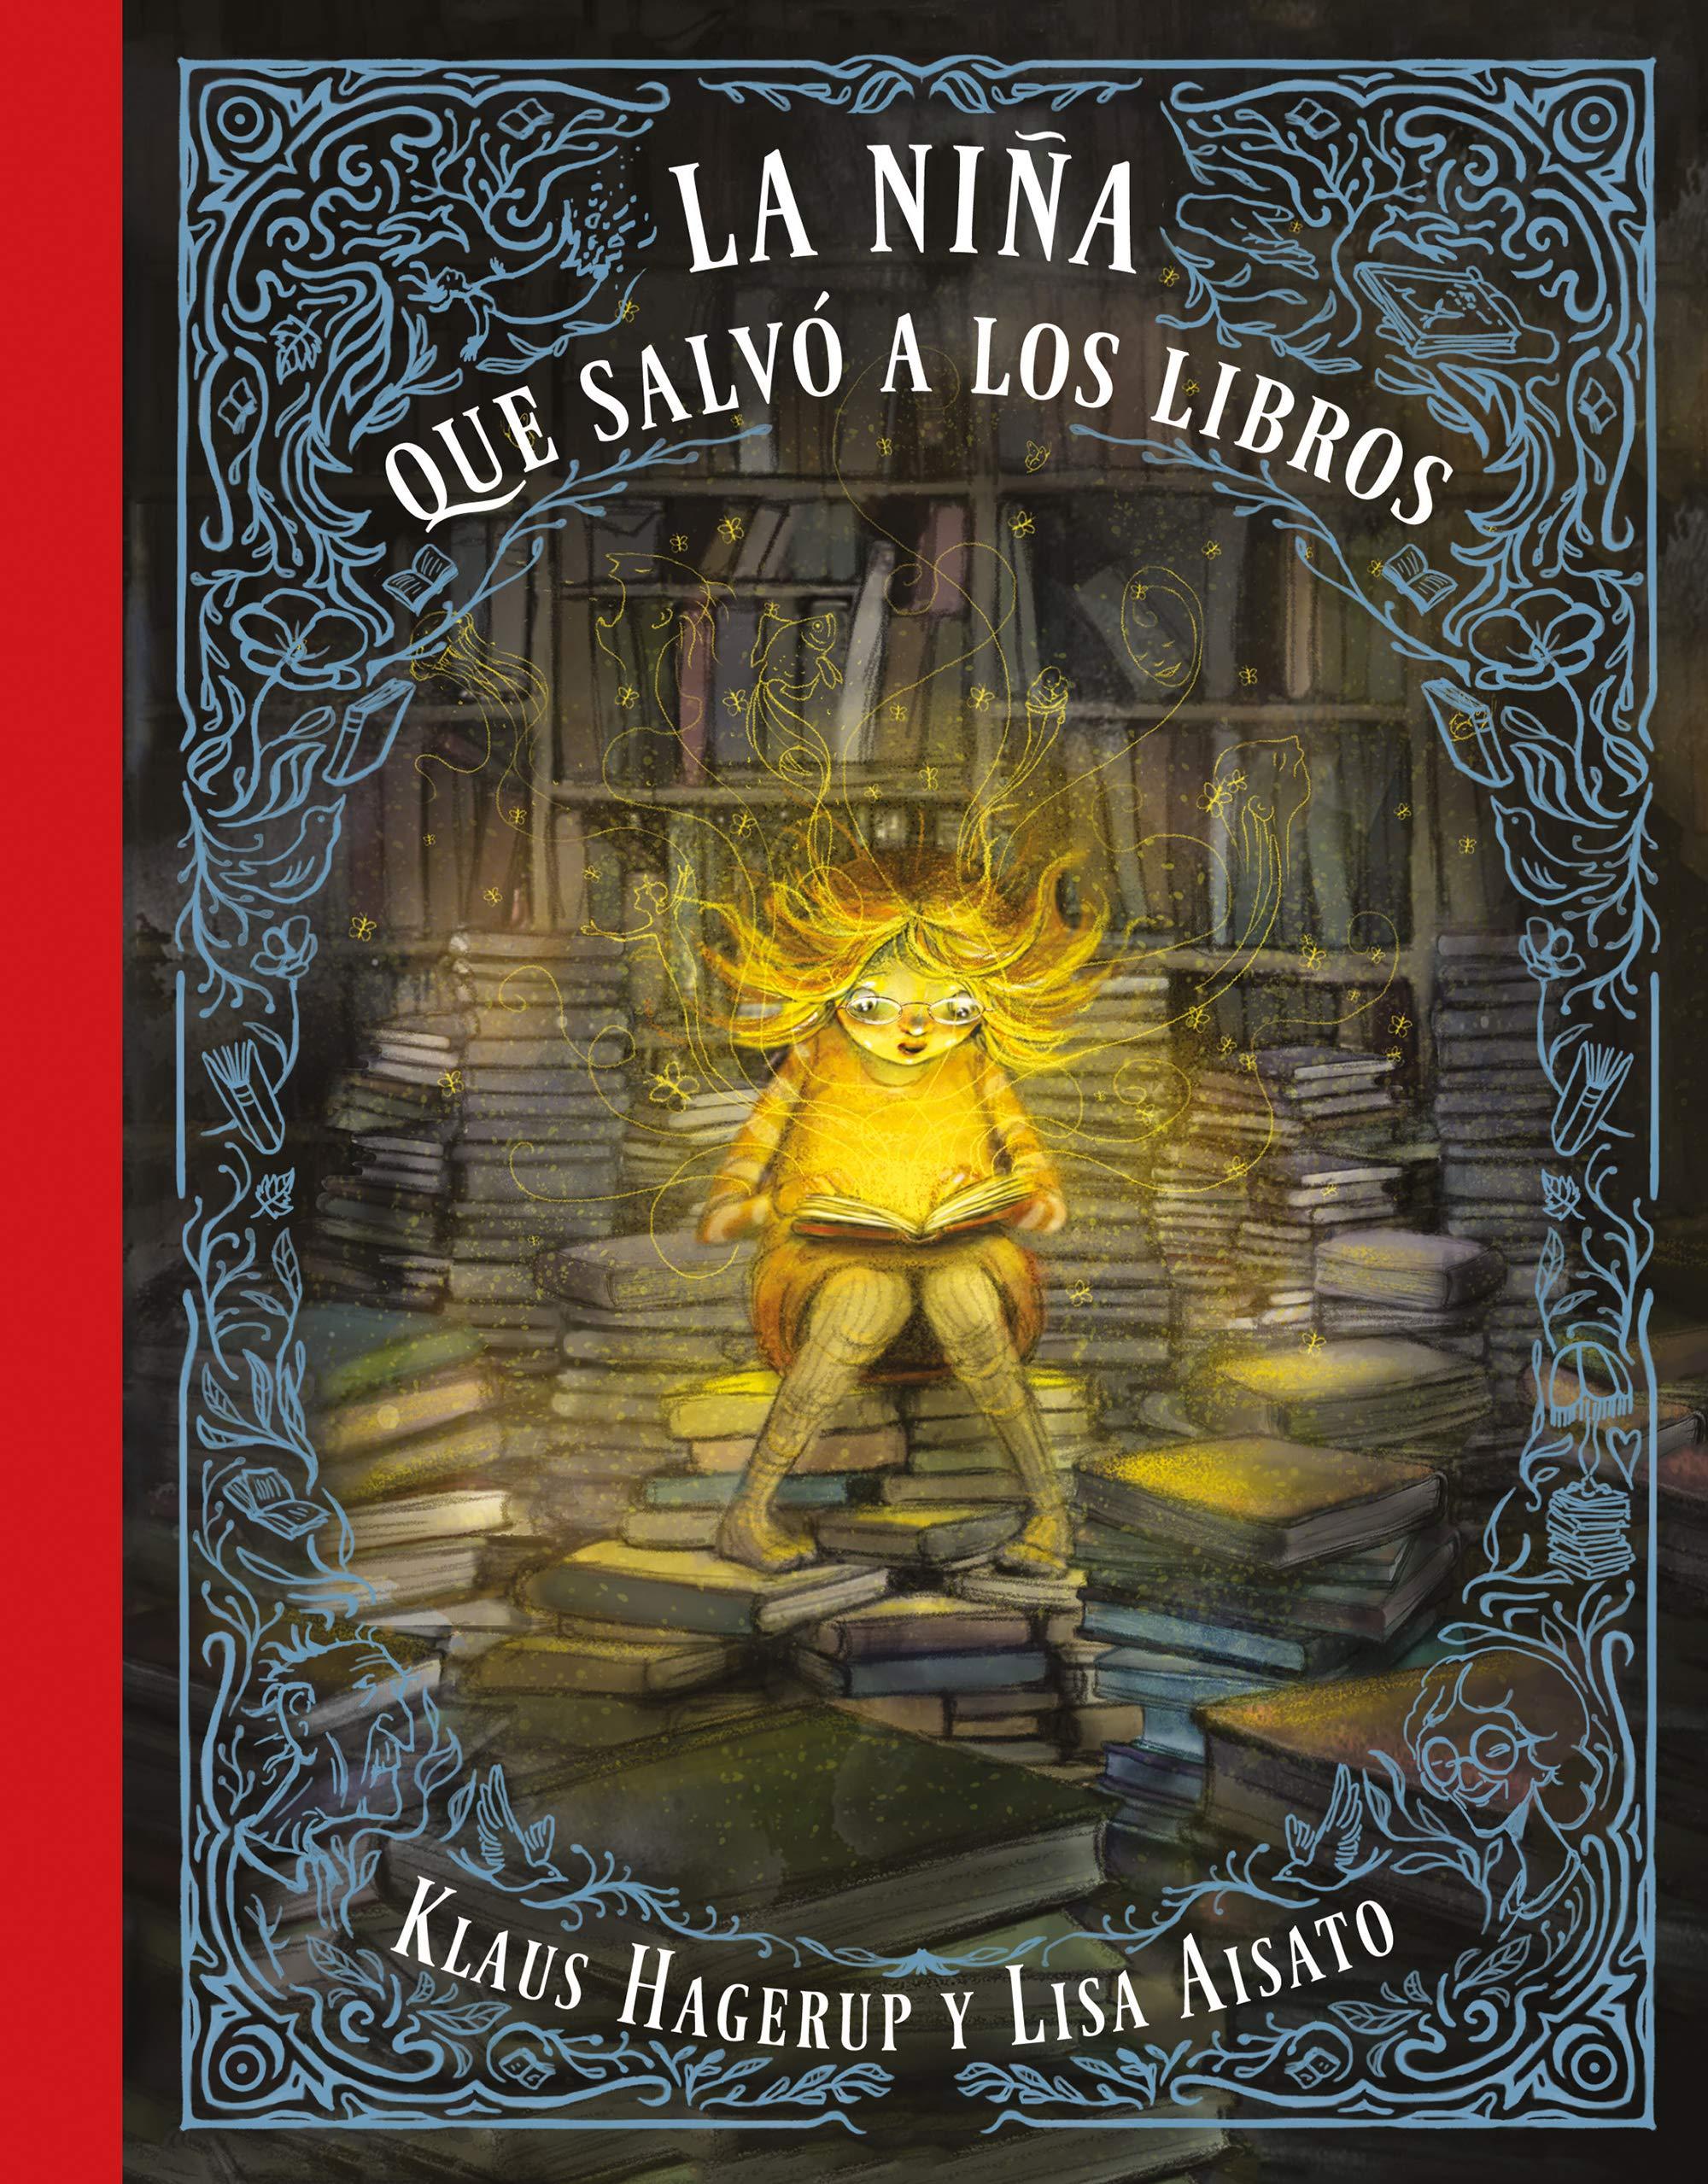 La niña que salvó a los libros (B Plus): Amazon.es: Lisa Aisato, Klaus  Hagerup: Libros